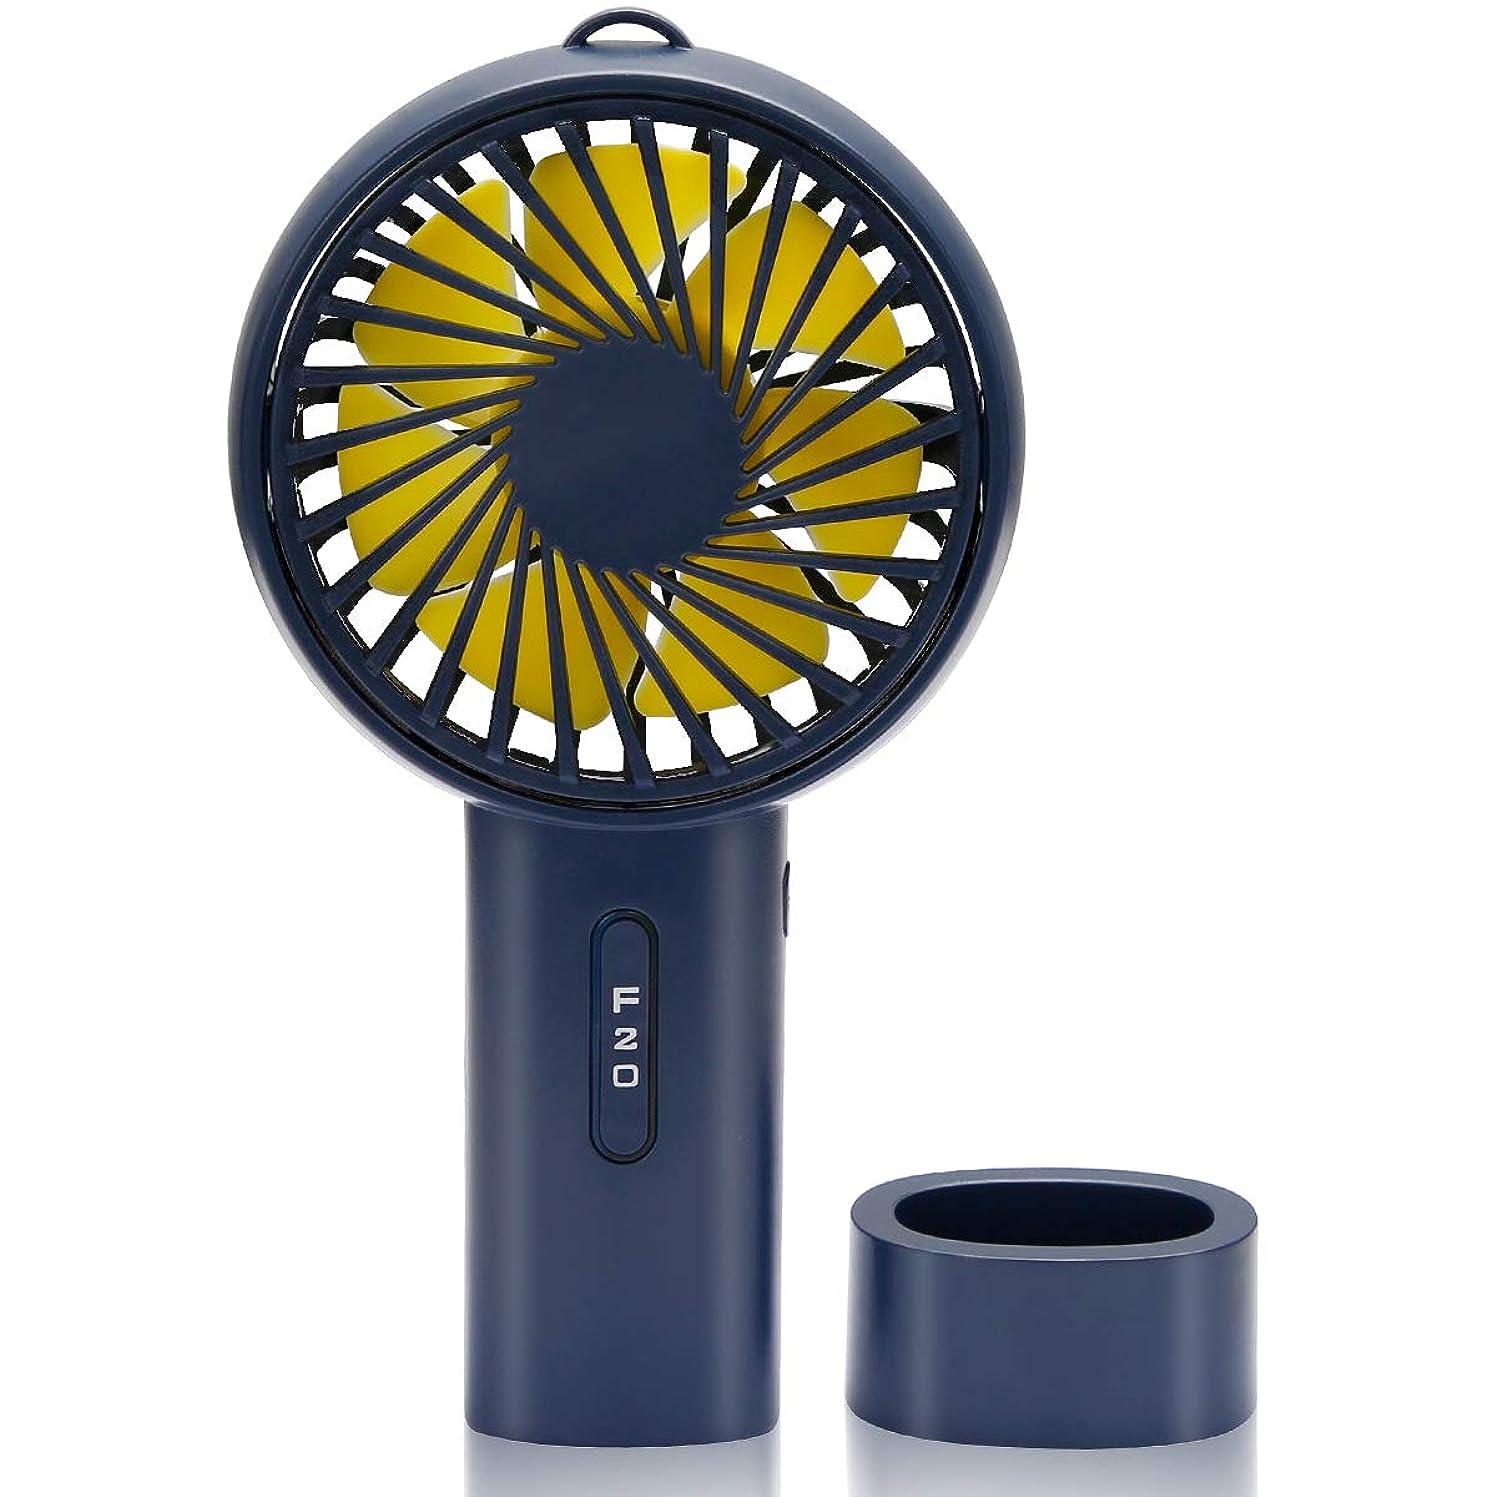 追加中央値顧問携帯扇風機 手持ち USB扇風機 卓上 首振り ストラップ付き ミニ扇風機